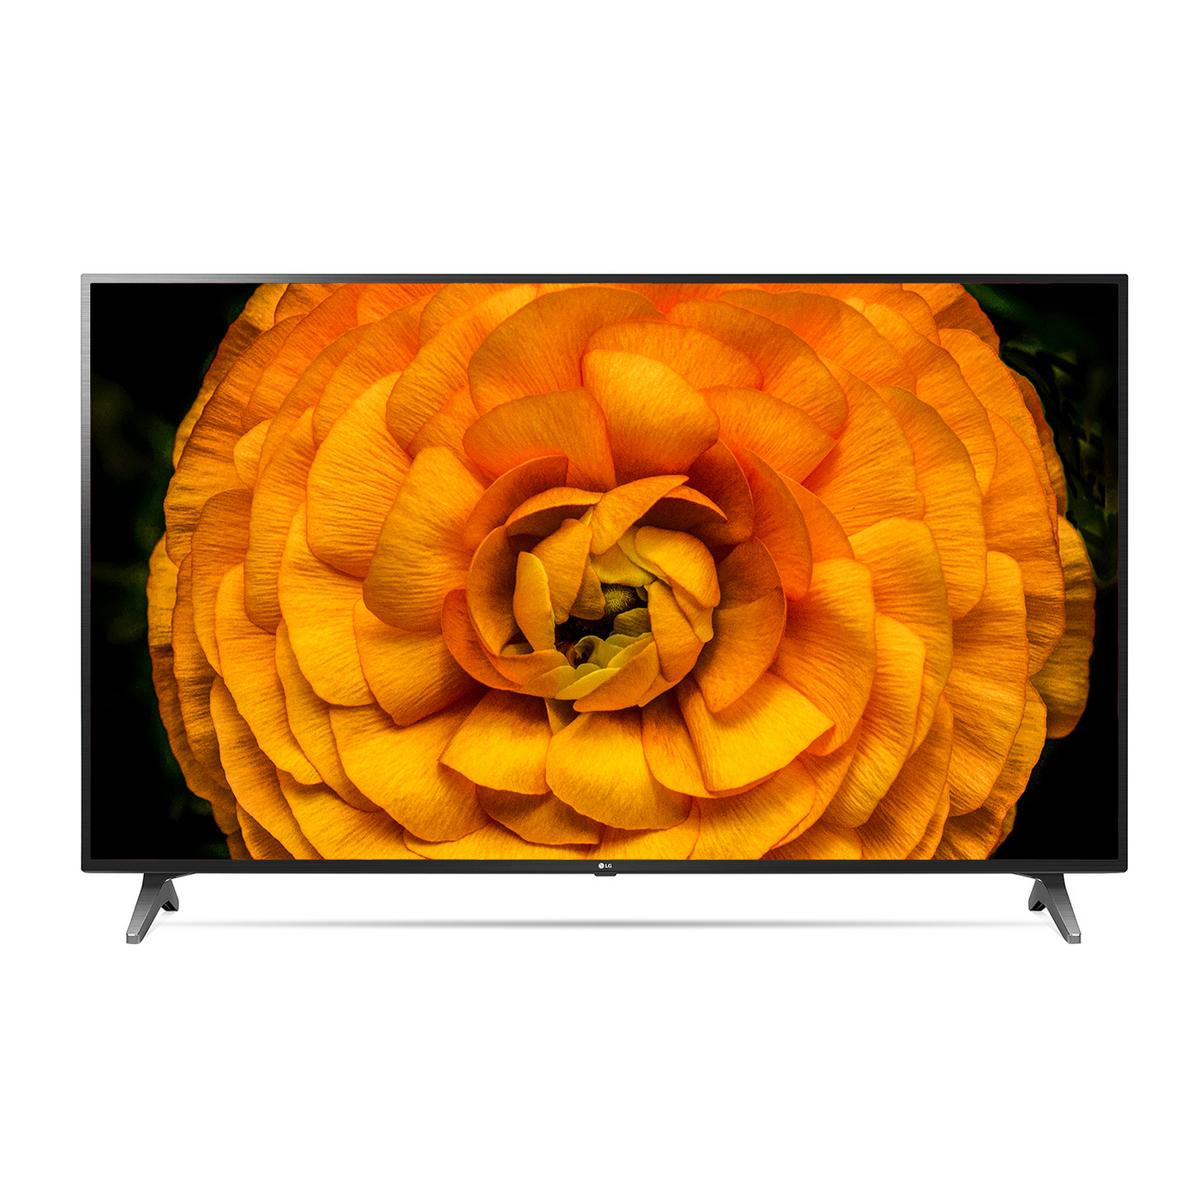 TV UHD LED 2020 (55